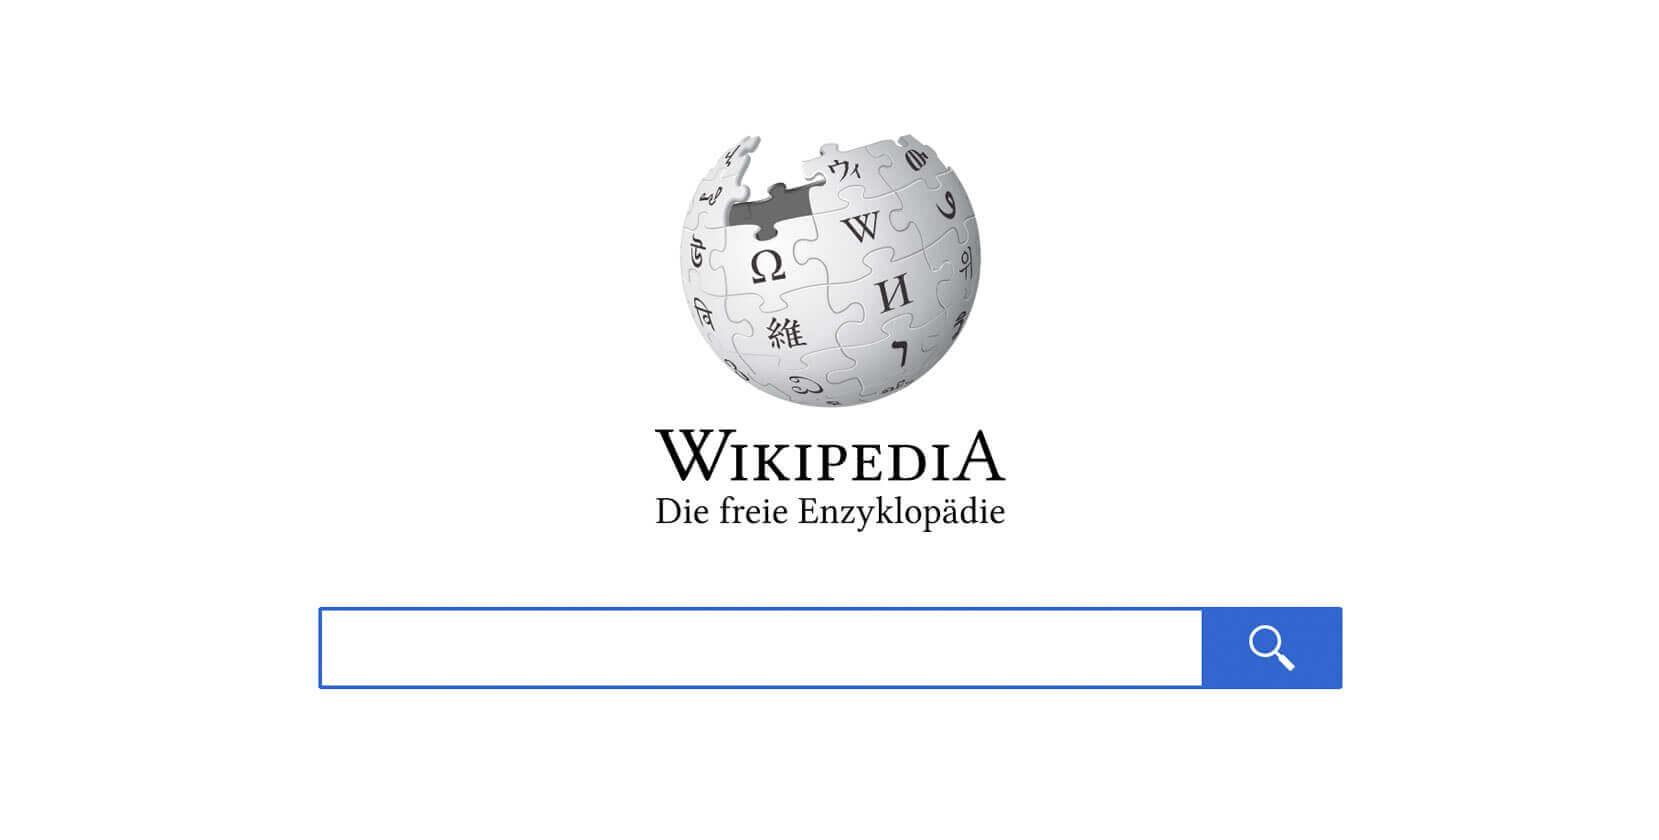 Der punkt wikipedia was g ist List of